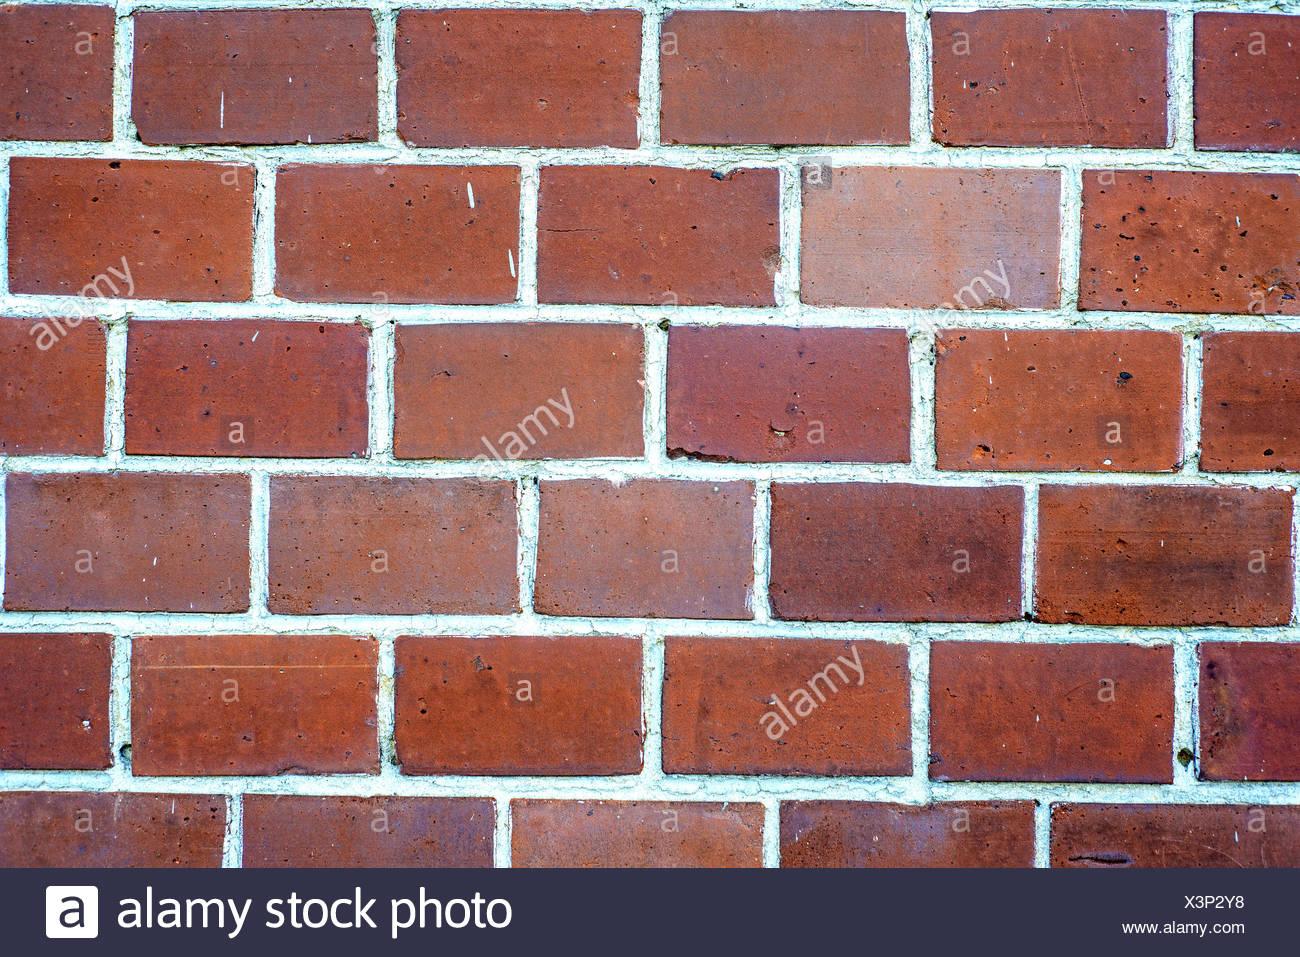 Klinkerwand aus roten Backsteinen. - Stock Image